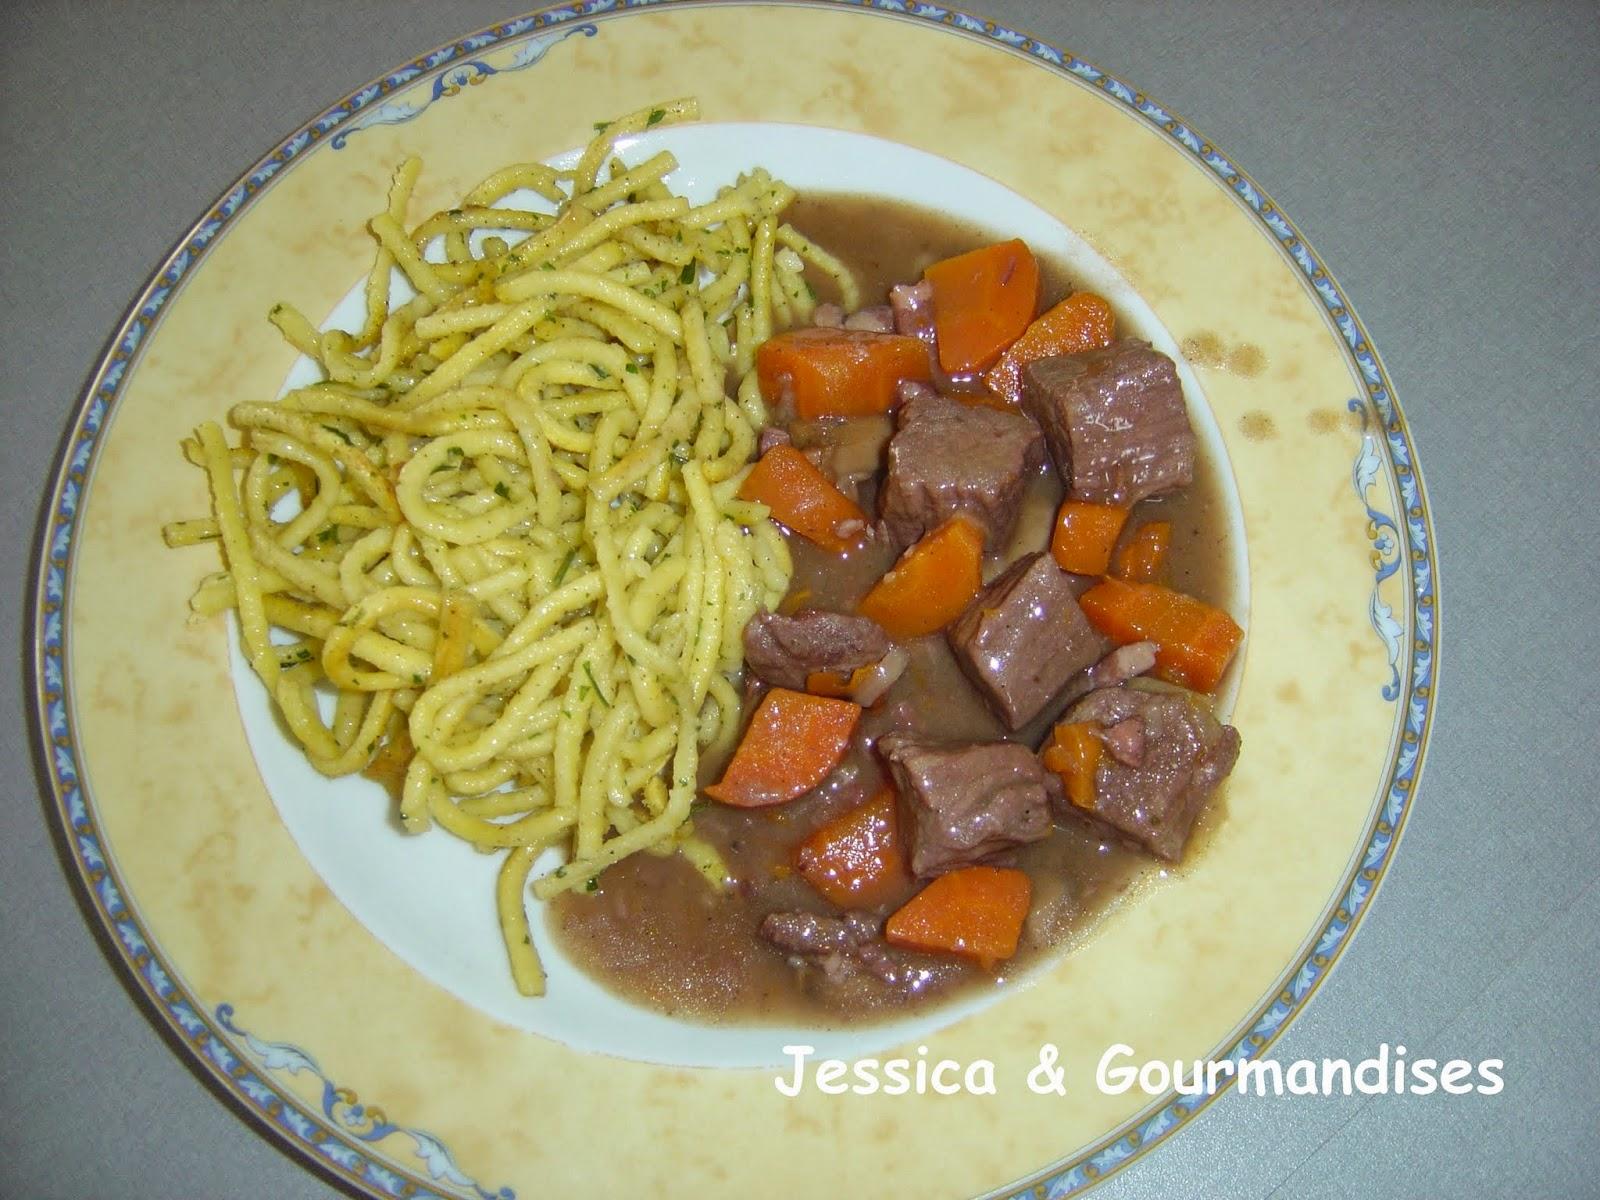 Jessica gourmandises boeuf bourguignon - Boeuf bourguignon cocotte minute ...